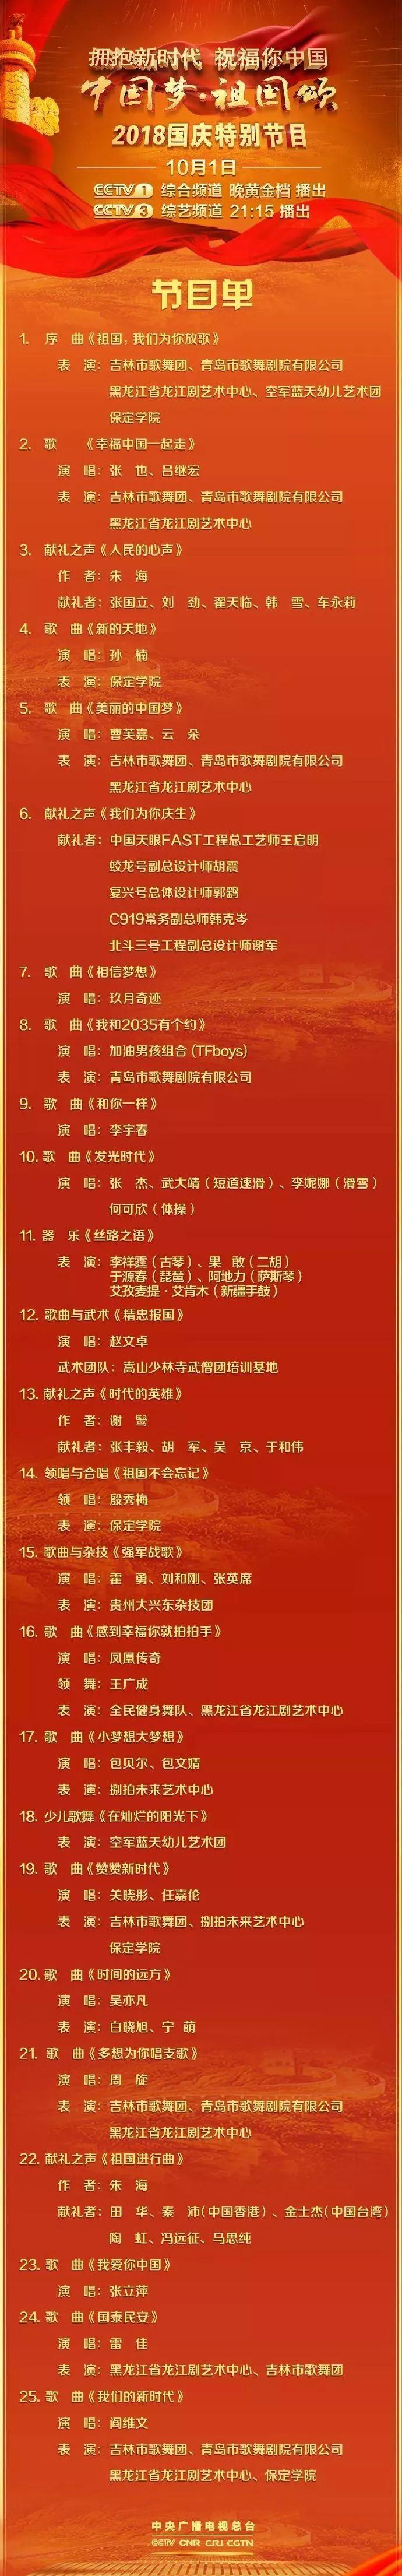 中国梦 祖国颂·2018年国庆特别节目,最值得一看的视听盛宴!